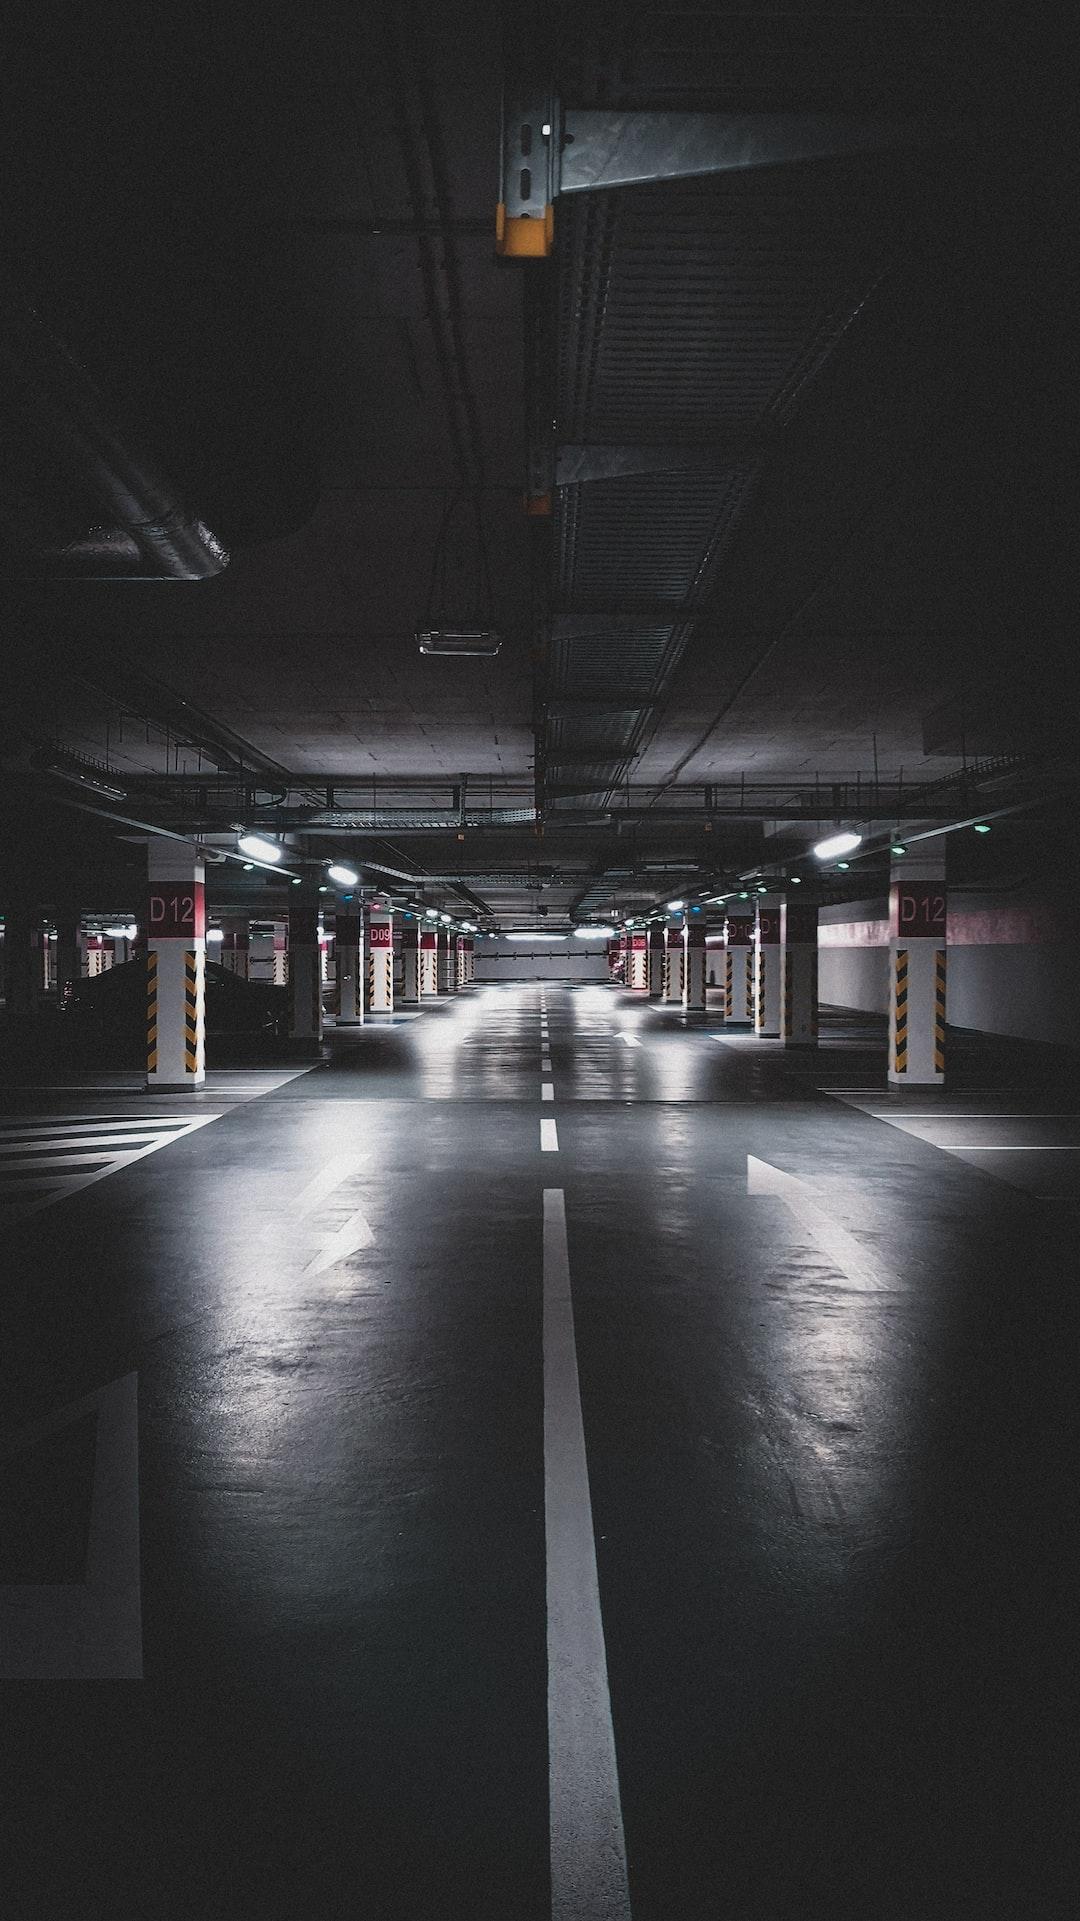 Underground parking. Empty. Scary. Dark.